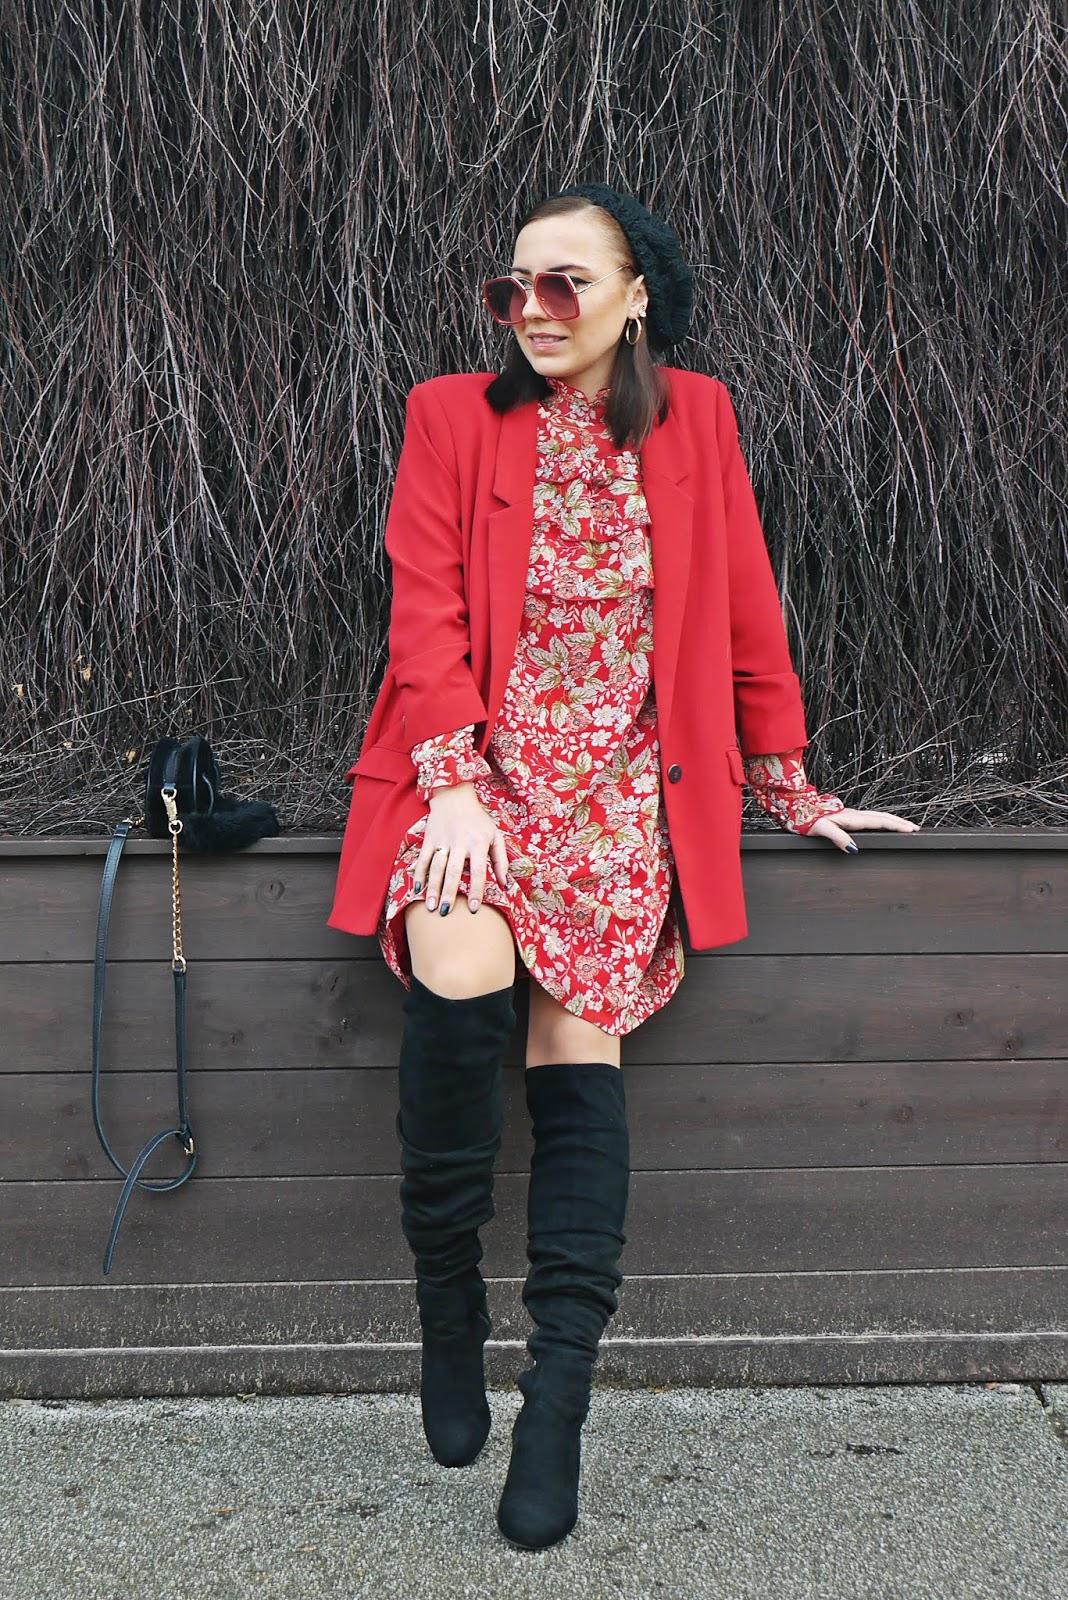 Sukienka w kwiaty bonprix czerwona marynarka mango czarne kozaki za kolano renee okulary kolczyki złote koła aliexpress torebka nerka stylizacja na zimę jesień look beret puławy